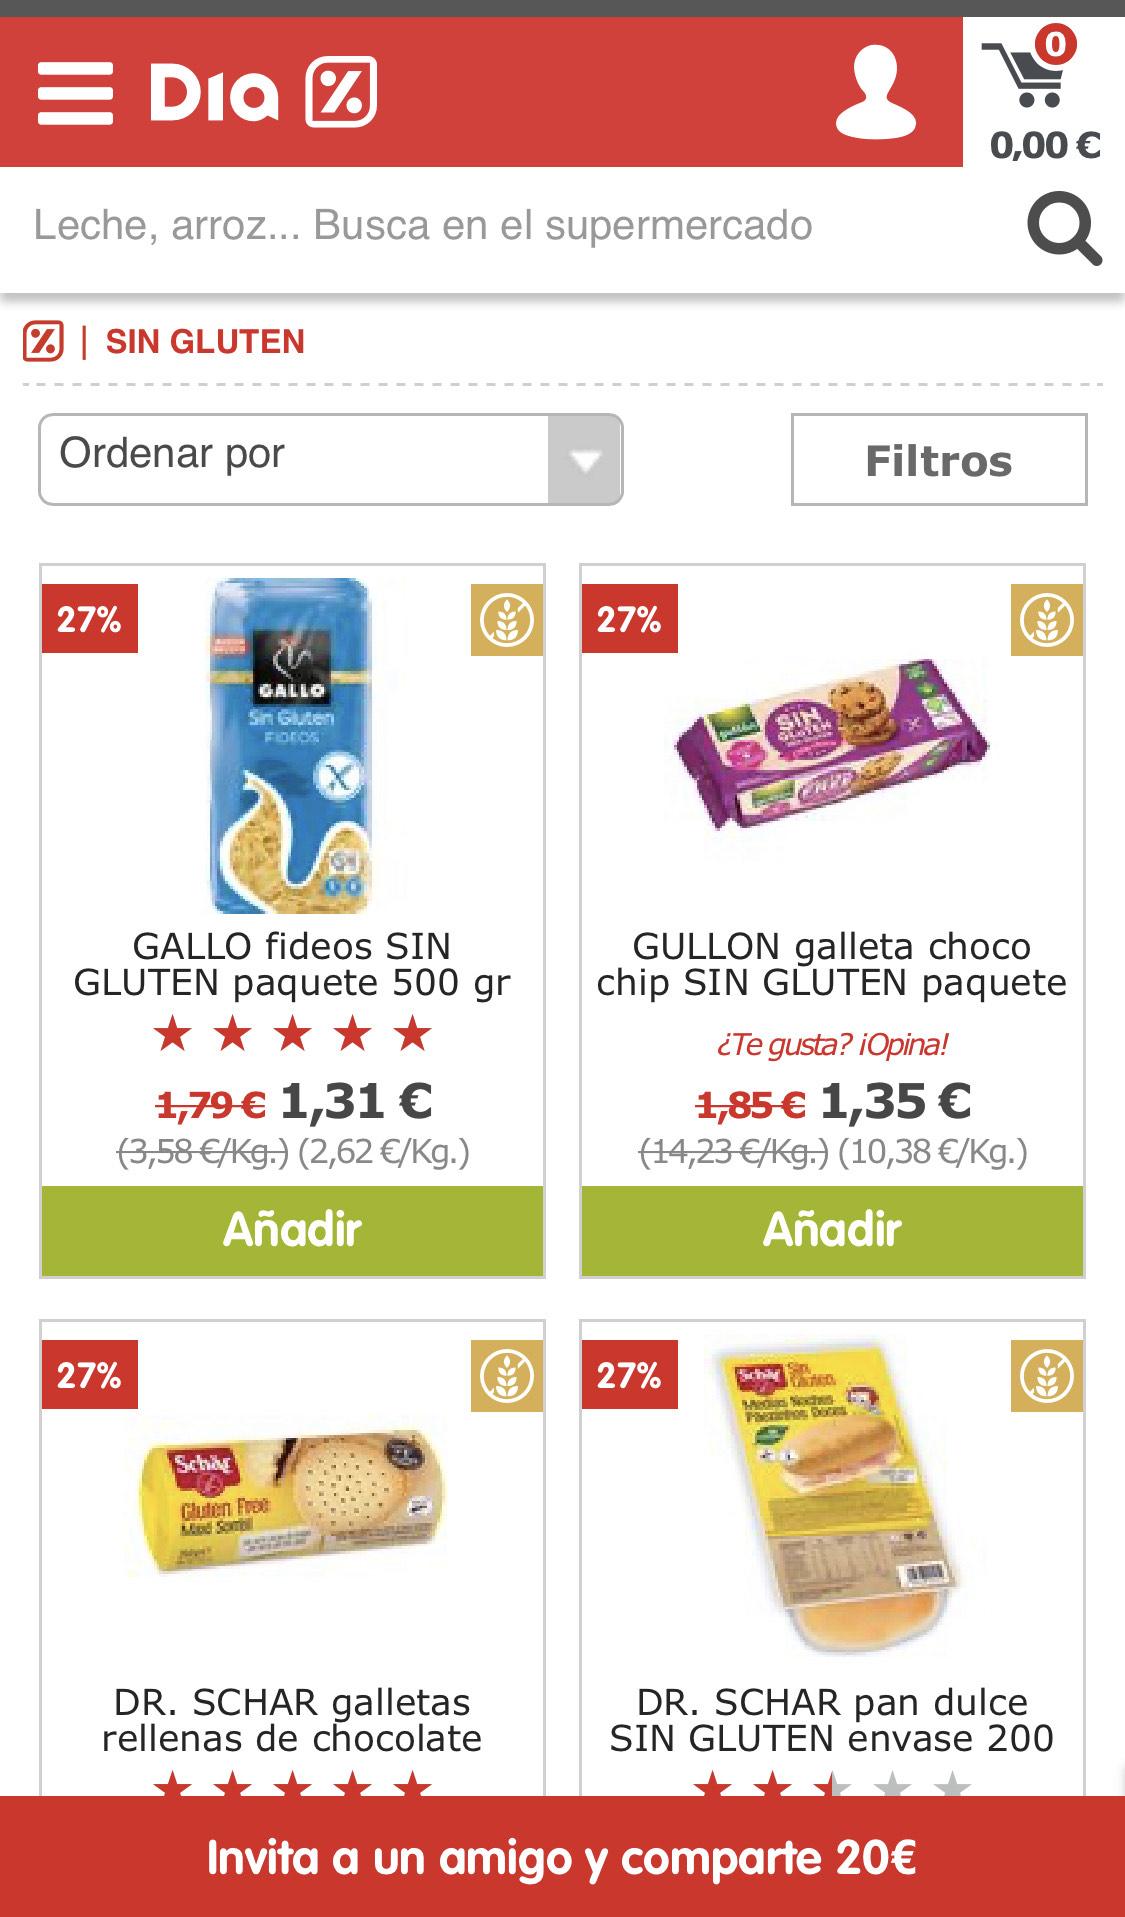 DIA rebaja de 27% en productos sin gluten